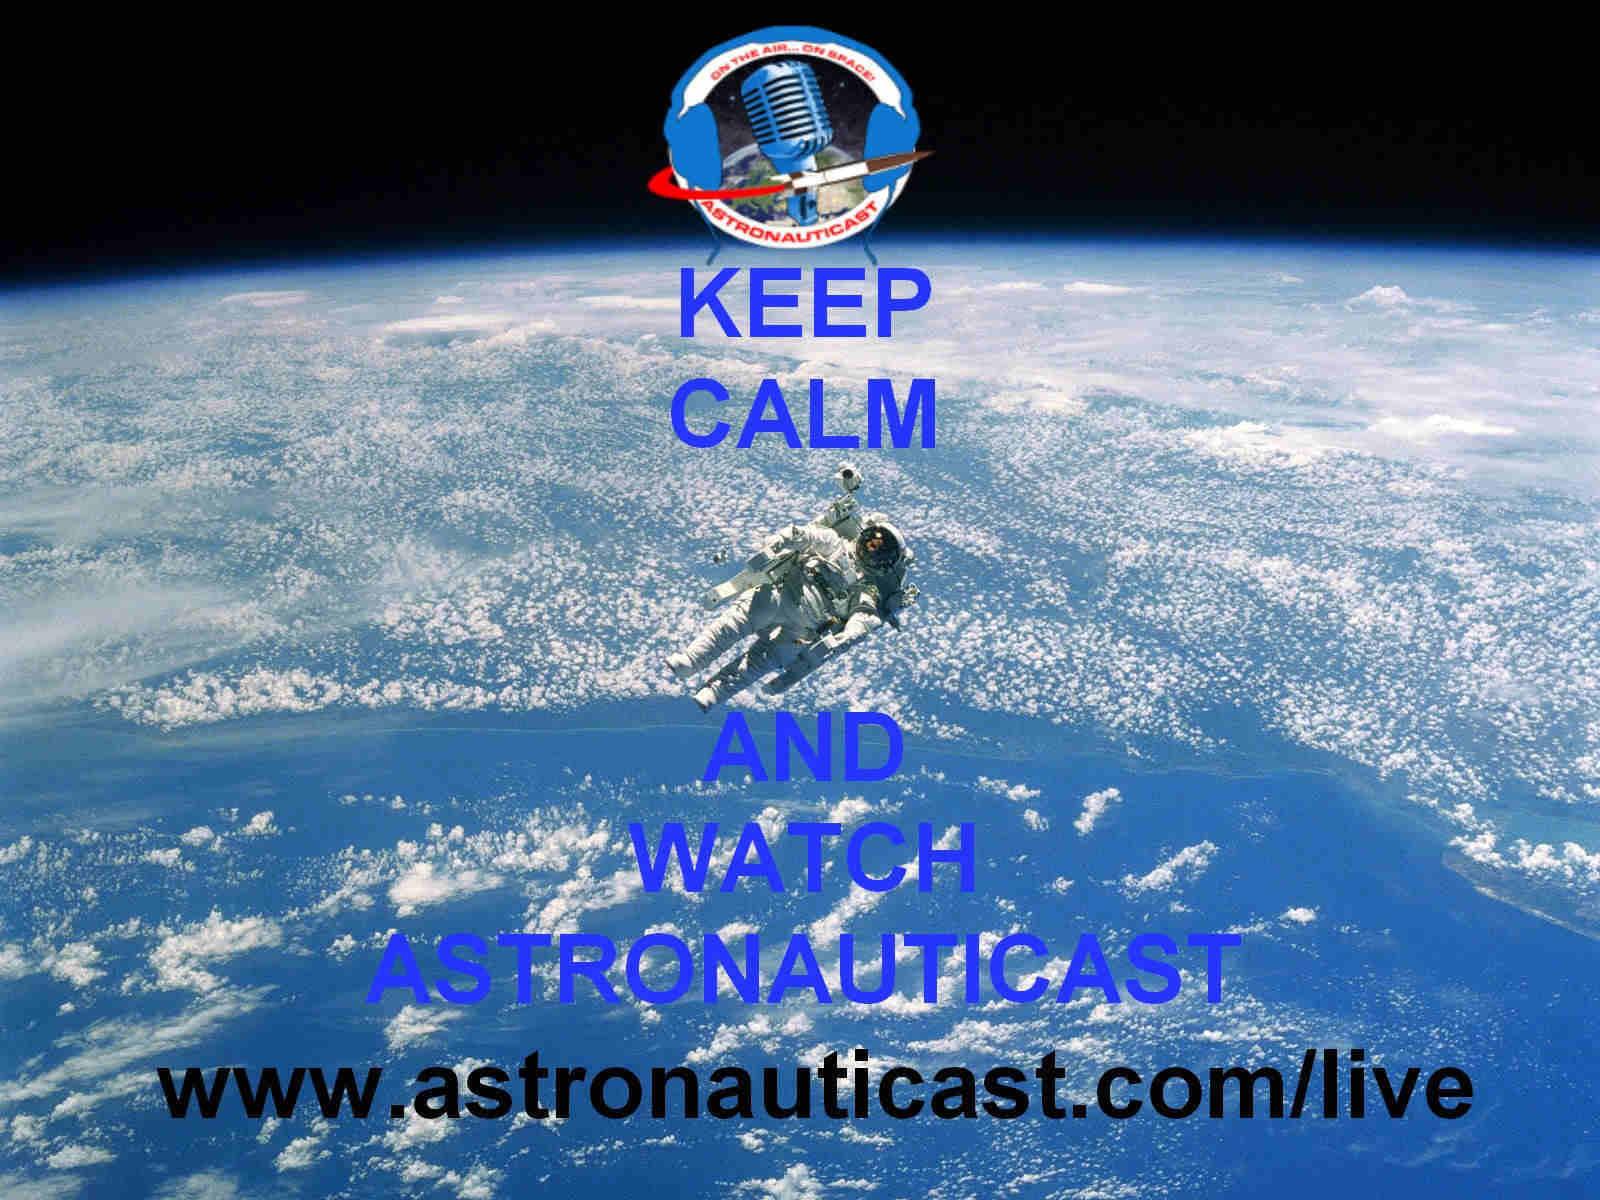 Una mia personale rivisitazione dell'ormai famoso KEEP CALM dedicato ad astronautiCAST